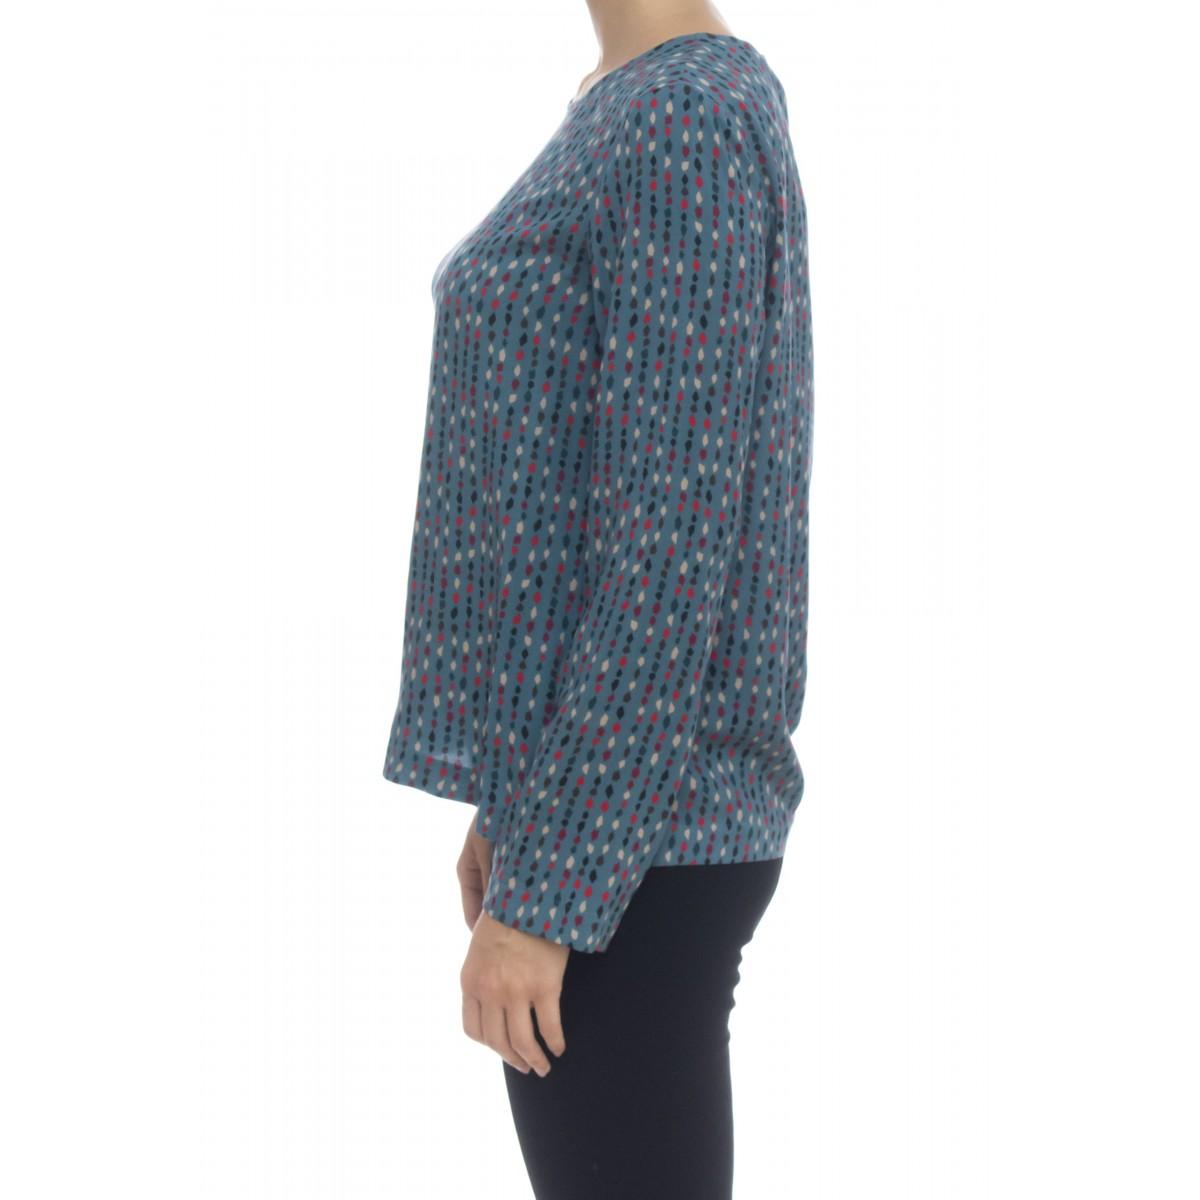 Camicia donna - 5301 55530 fantasia